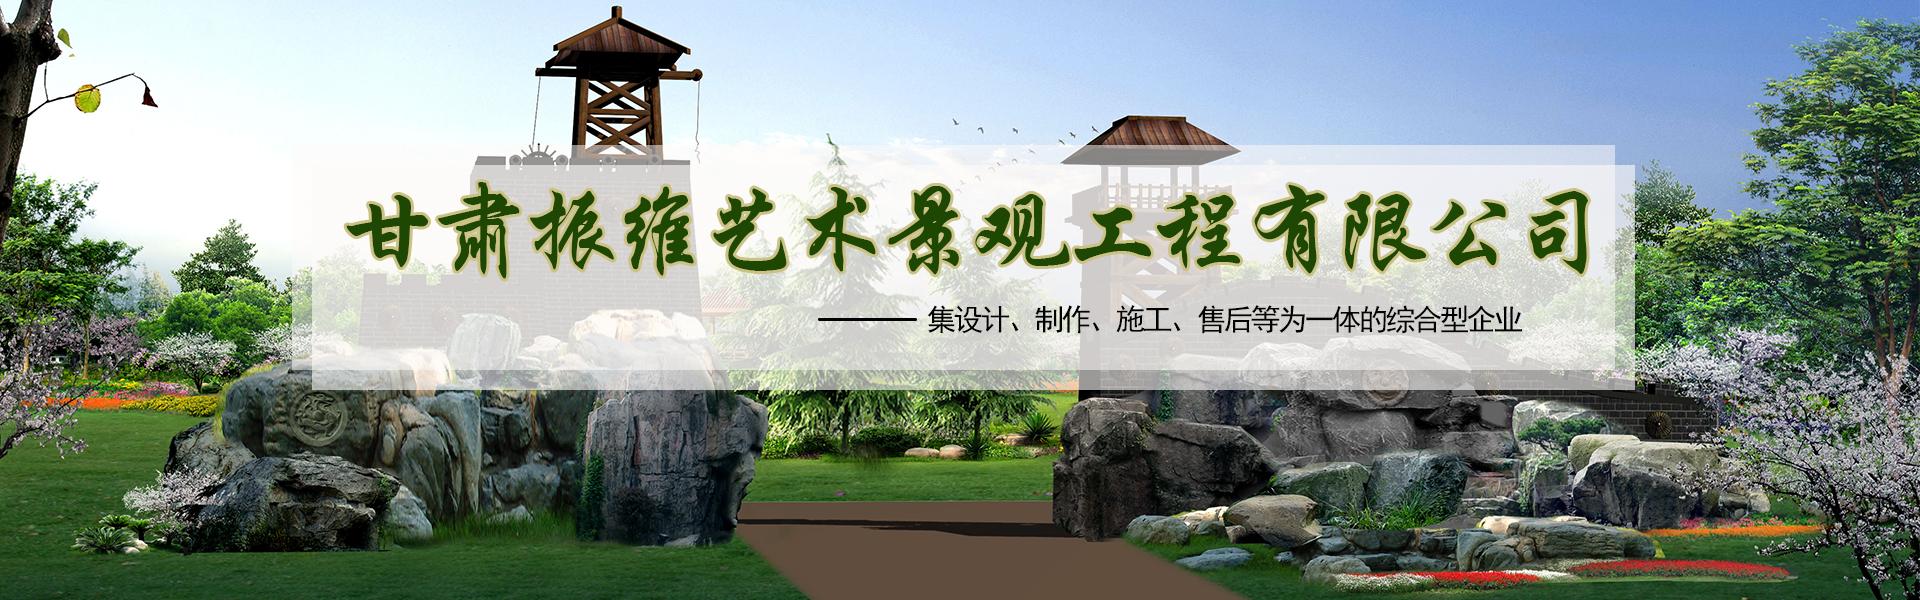 甘肃园林艺术景观工程